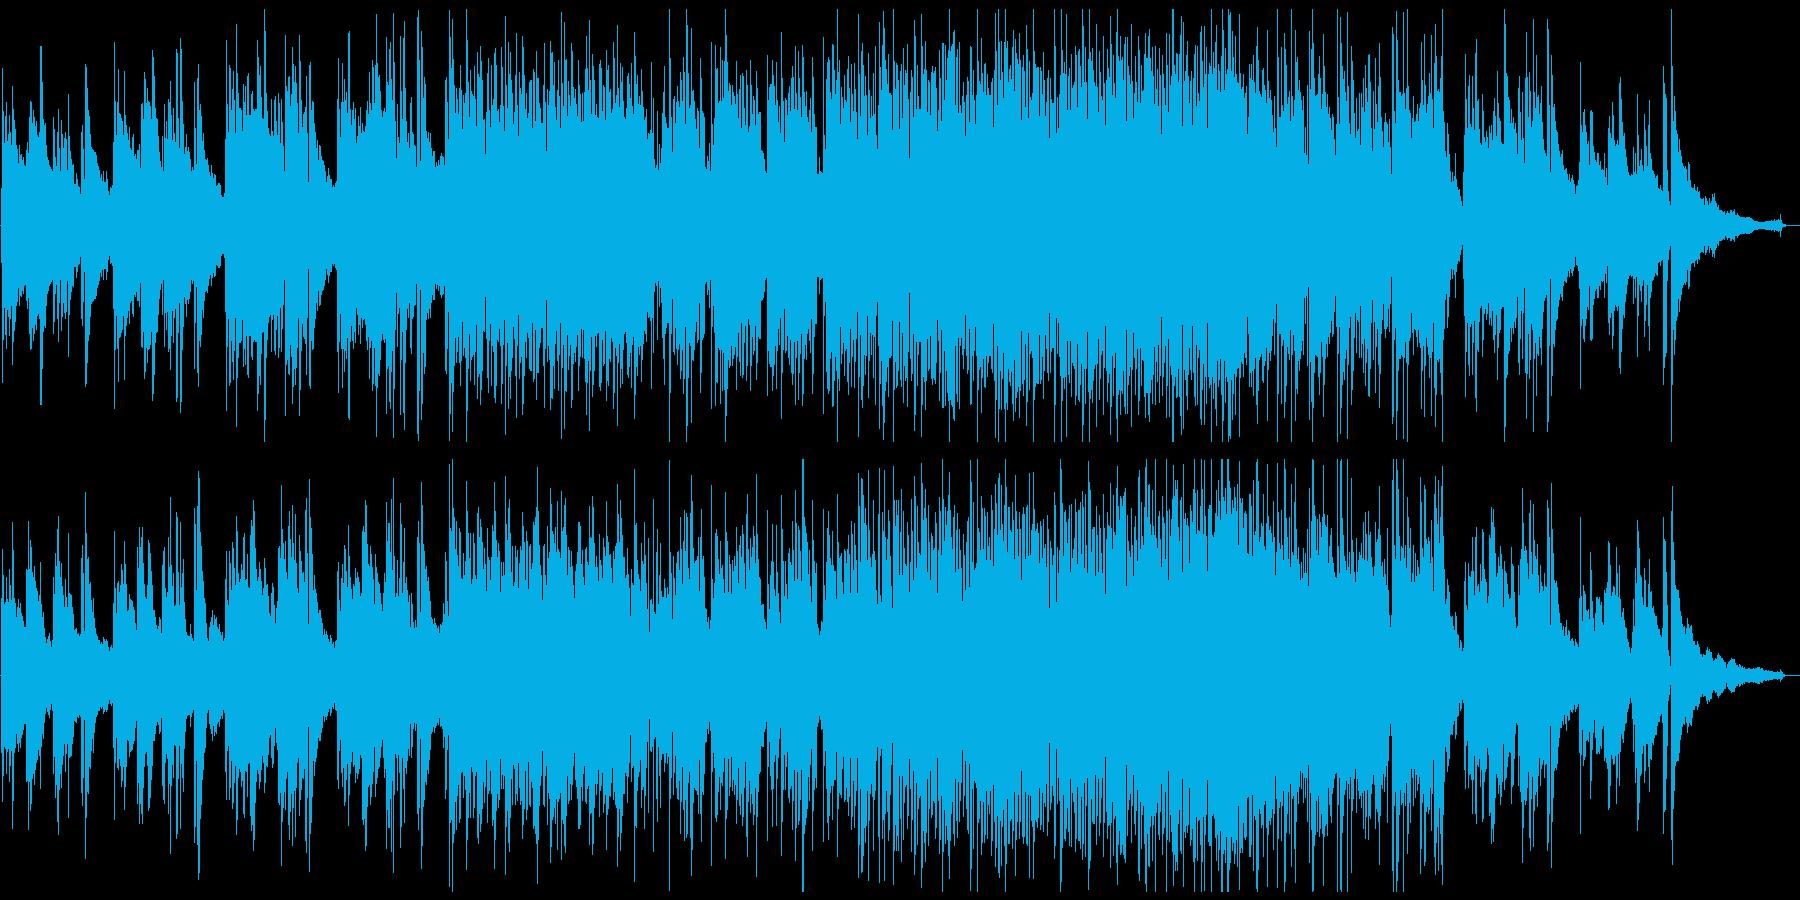 「花曇り」をイメージした幻想的にうつろうの再生済みの波形